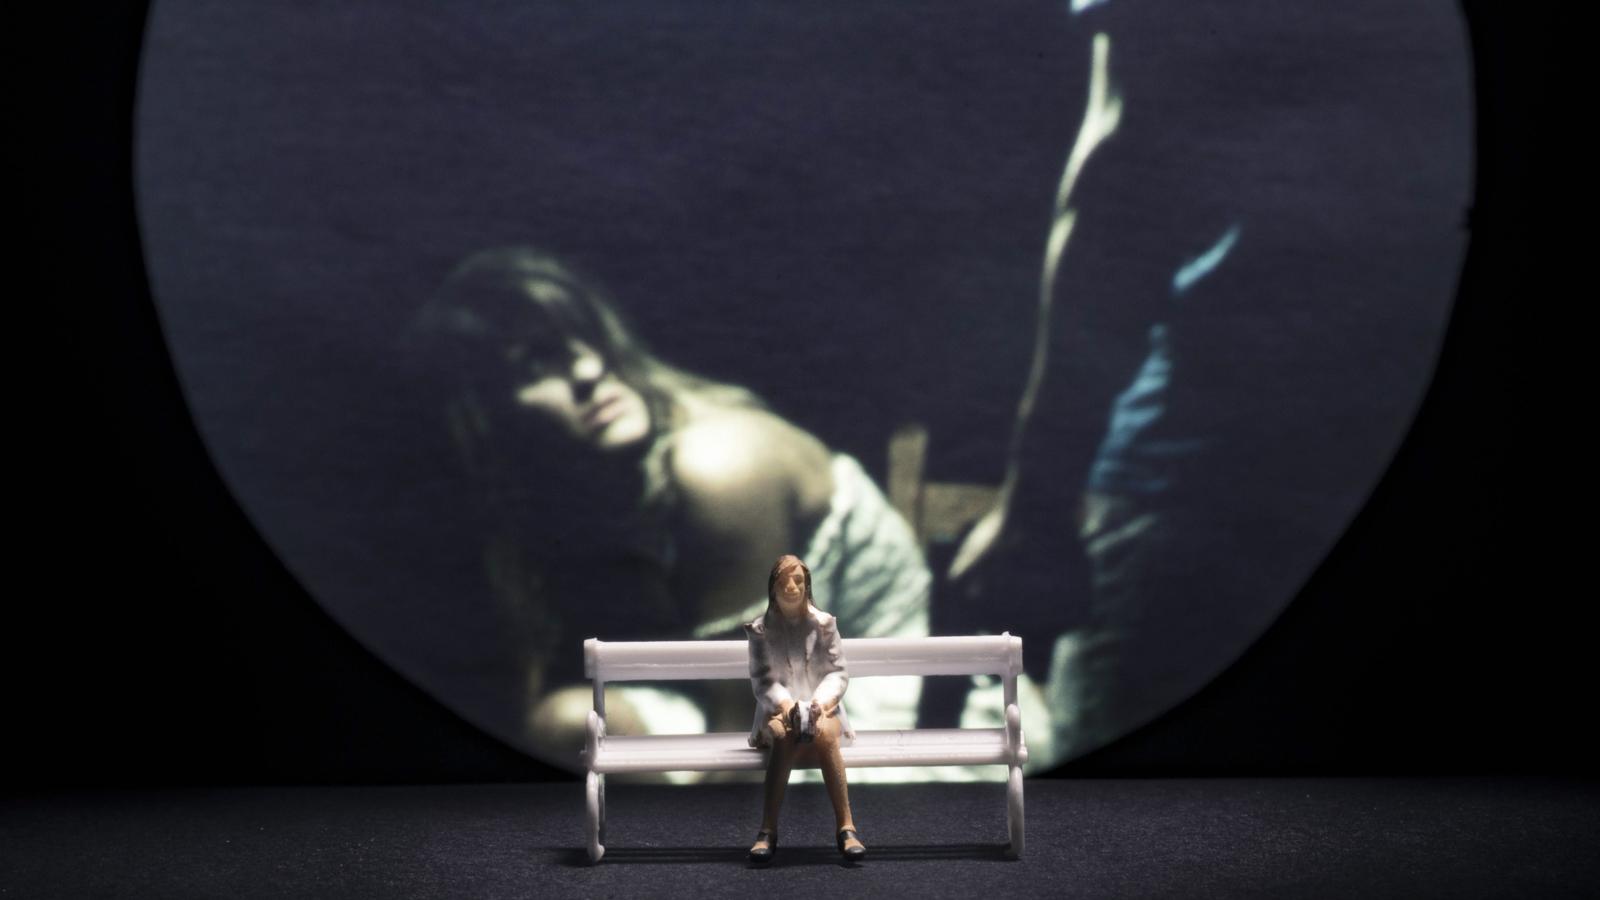 64 Prozent der Frauen träumen davon, sexuell dominiert zu werden – allerdings nur in der Fantasie. Bild: Raisa Durandi